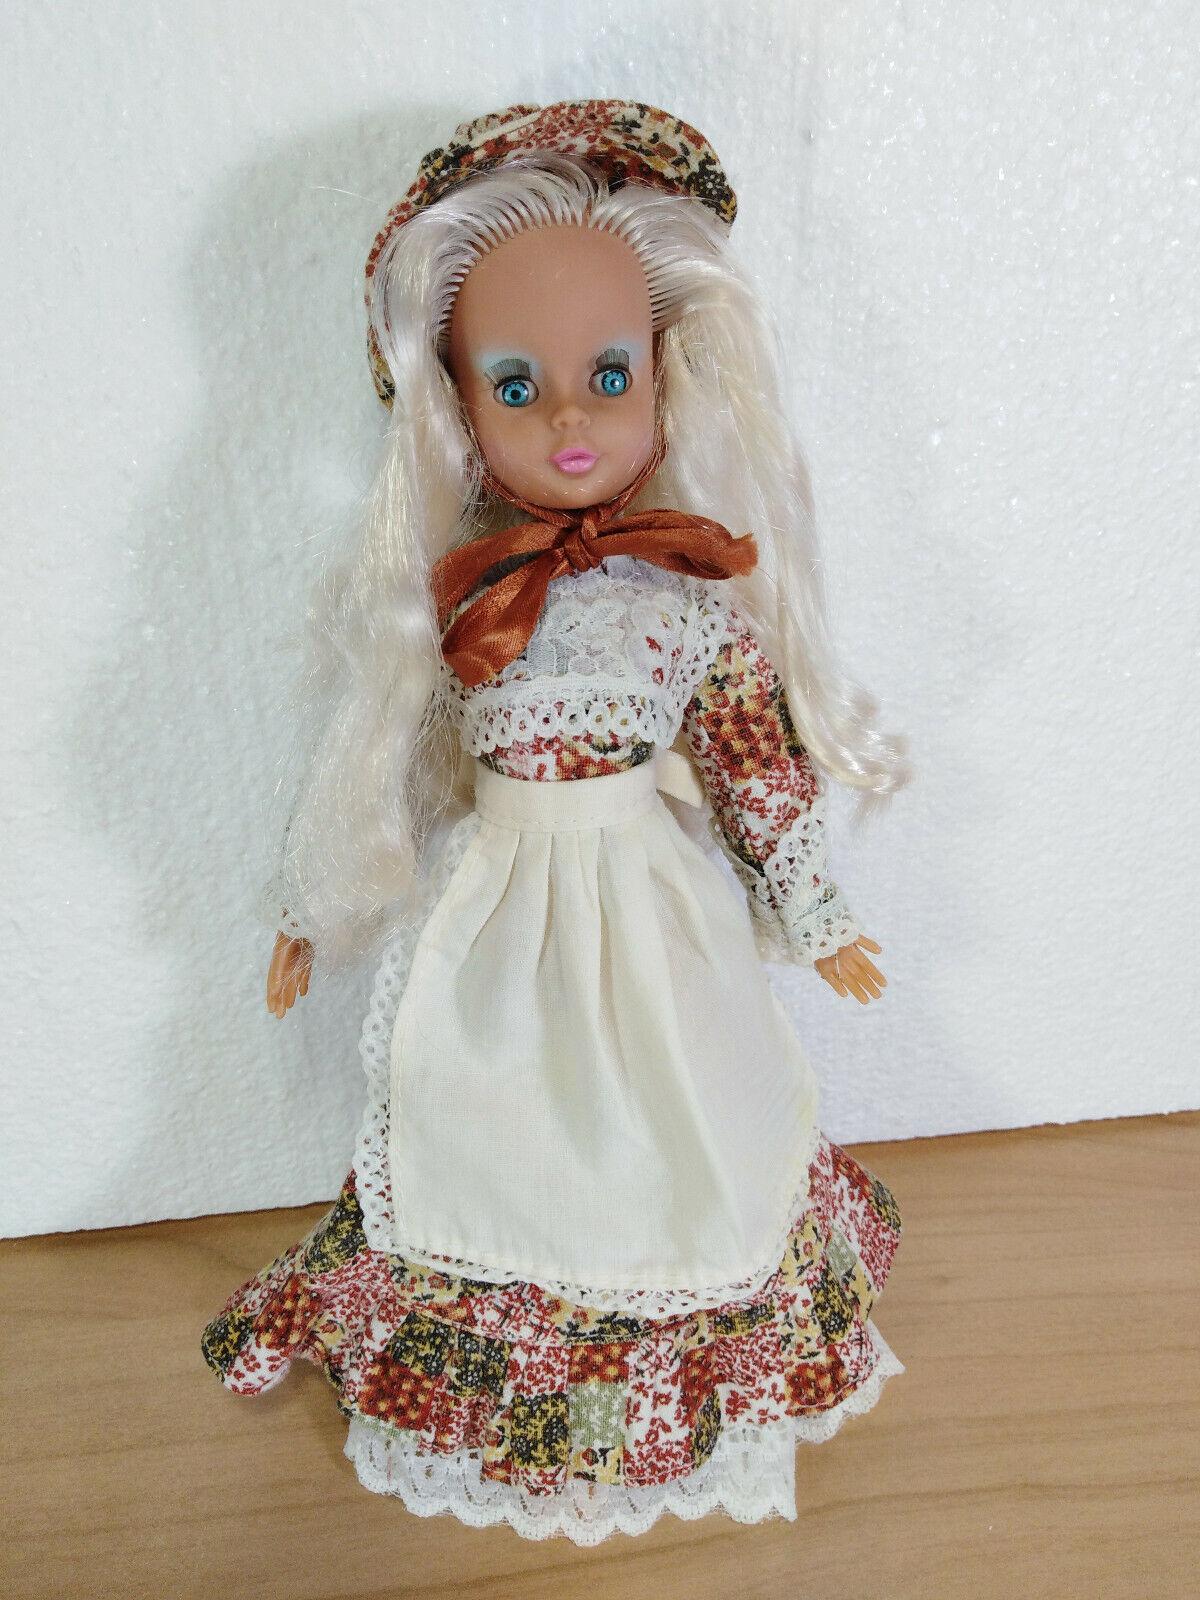 Vintage Doll bibi-bo El Greco made in Greece